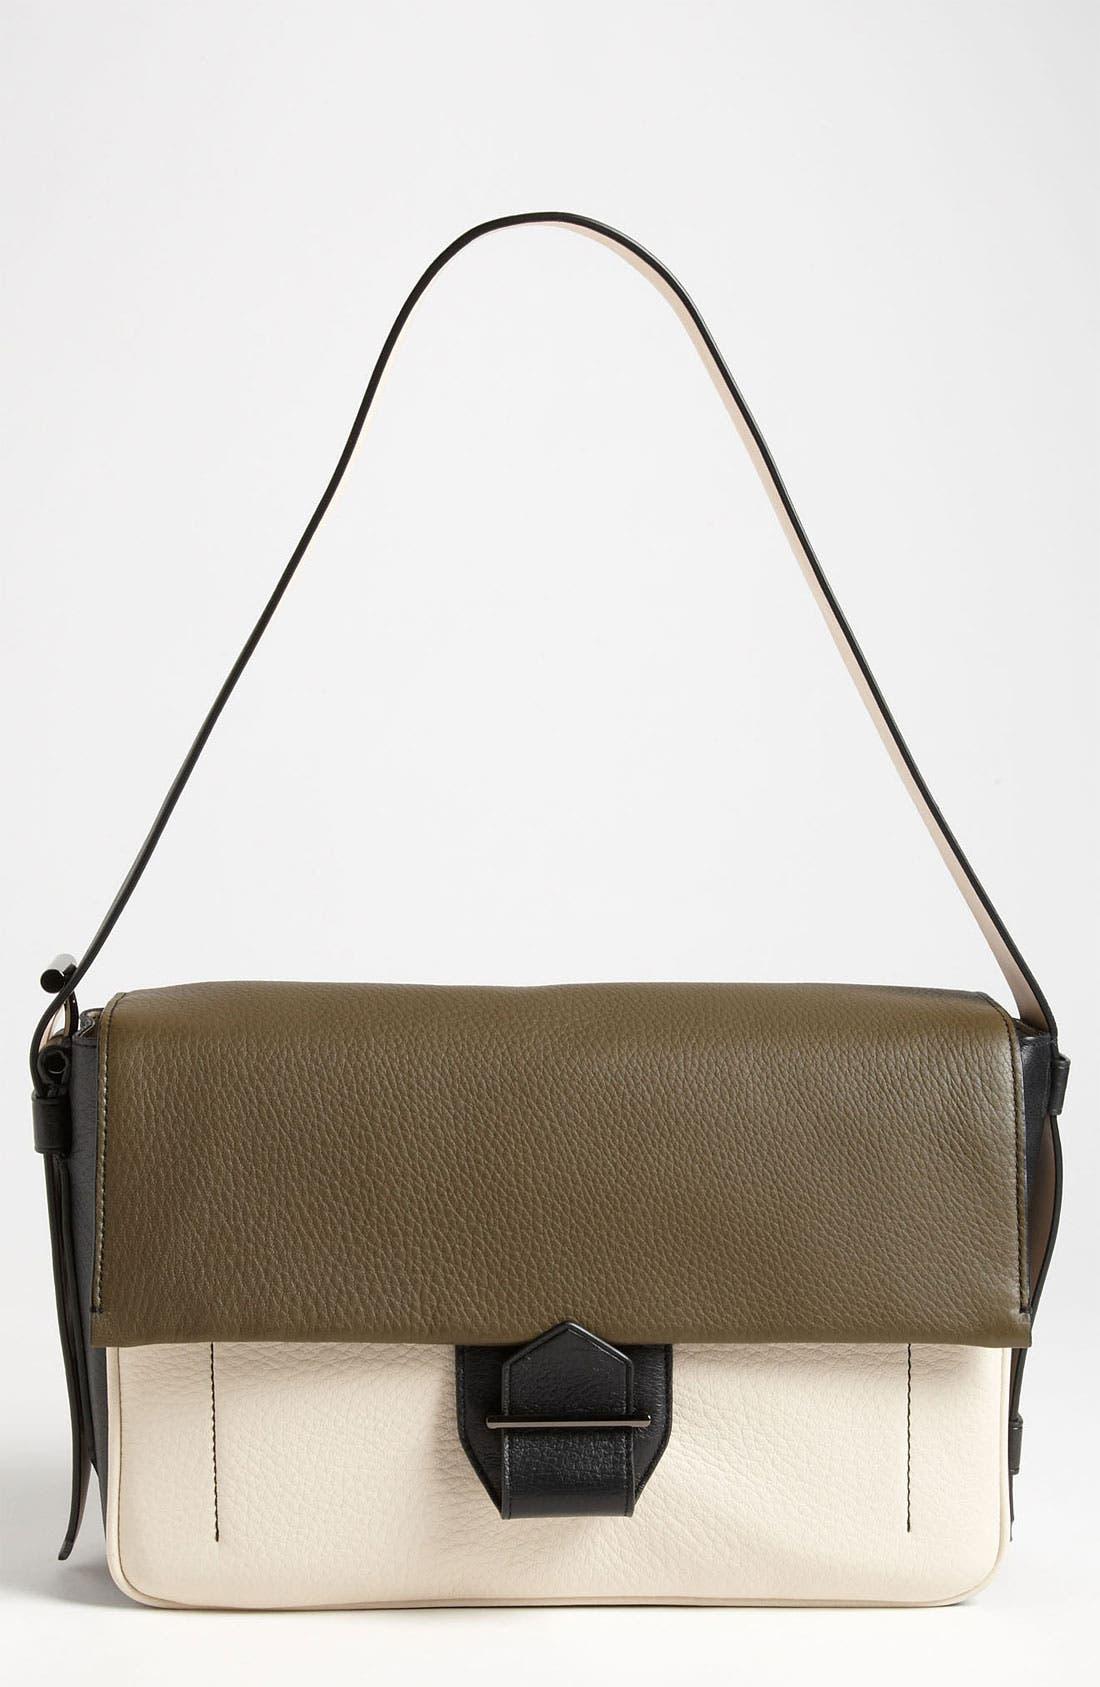 Alternate Image 1 Selected - Reed Krakoff 'Standard' Leather Shoulder Bag